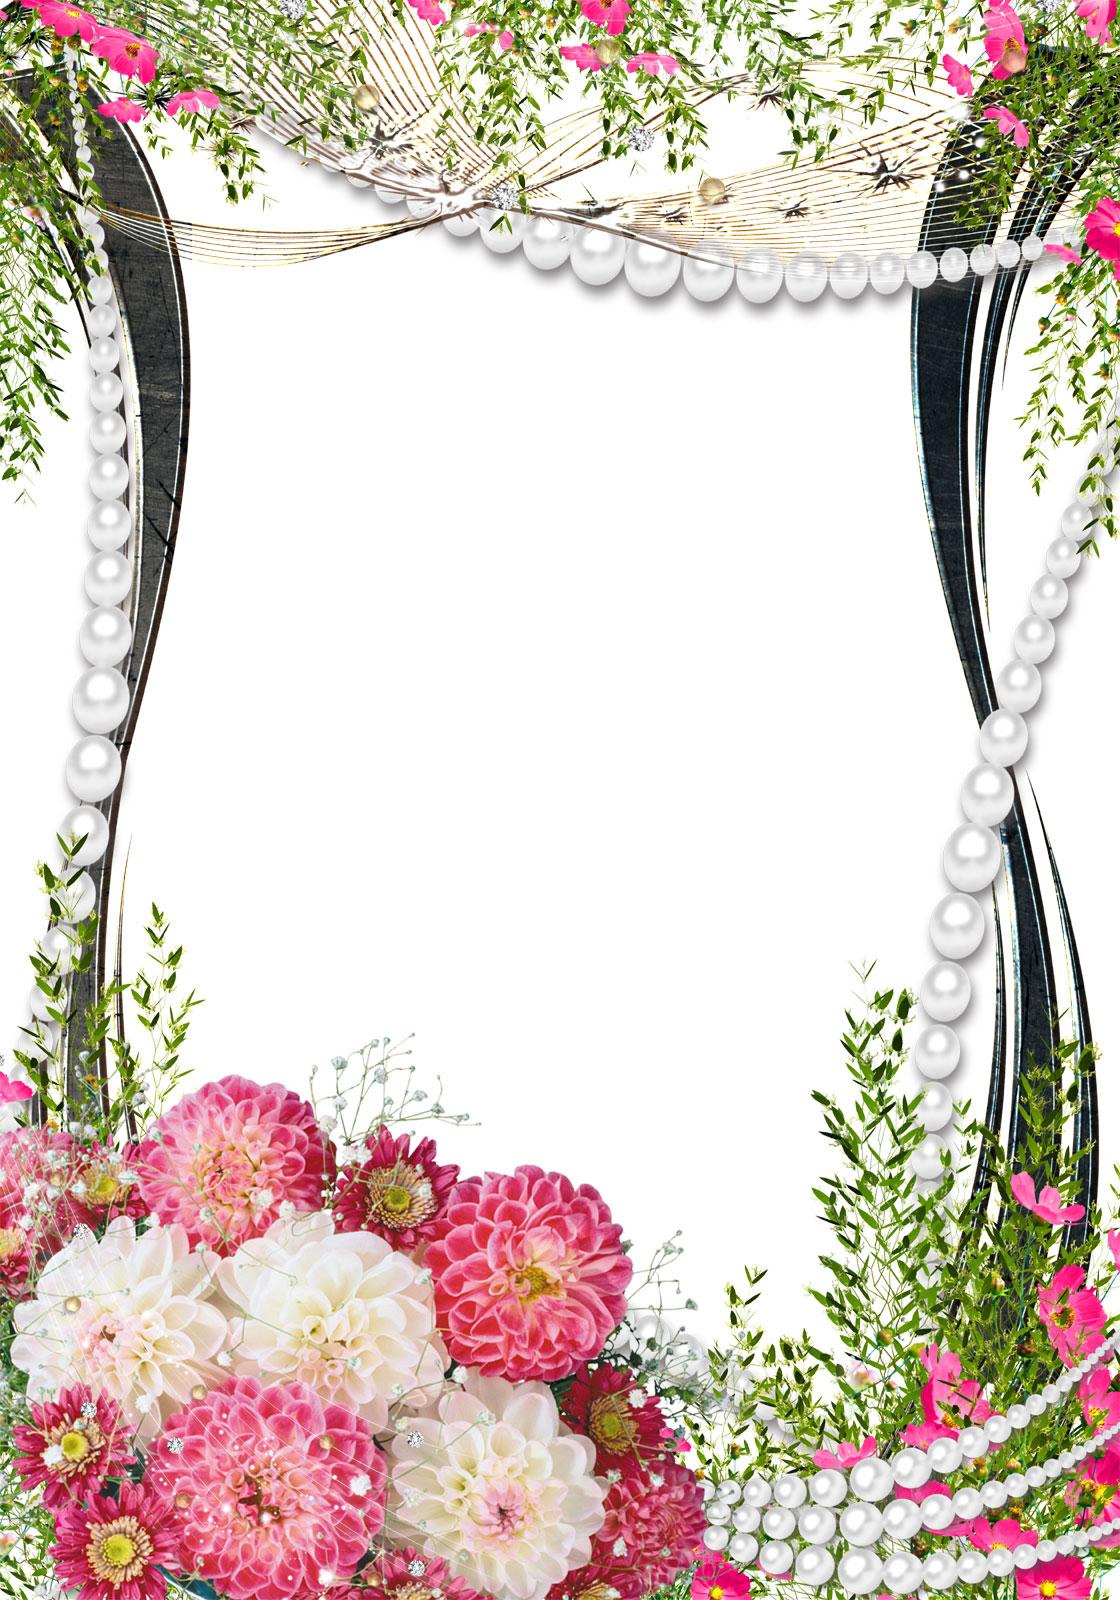 イラスト イラスト枠 無料 ダウンロード : 花のフレーム写真 - サンプル